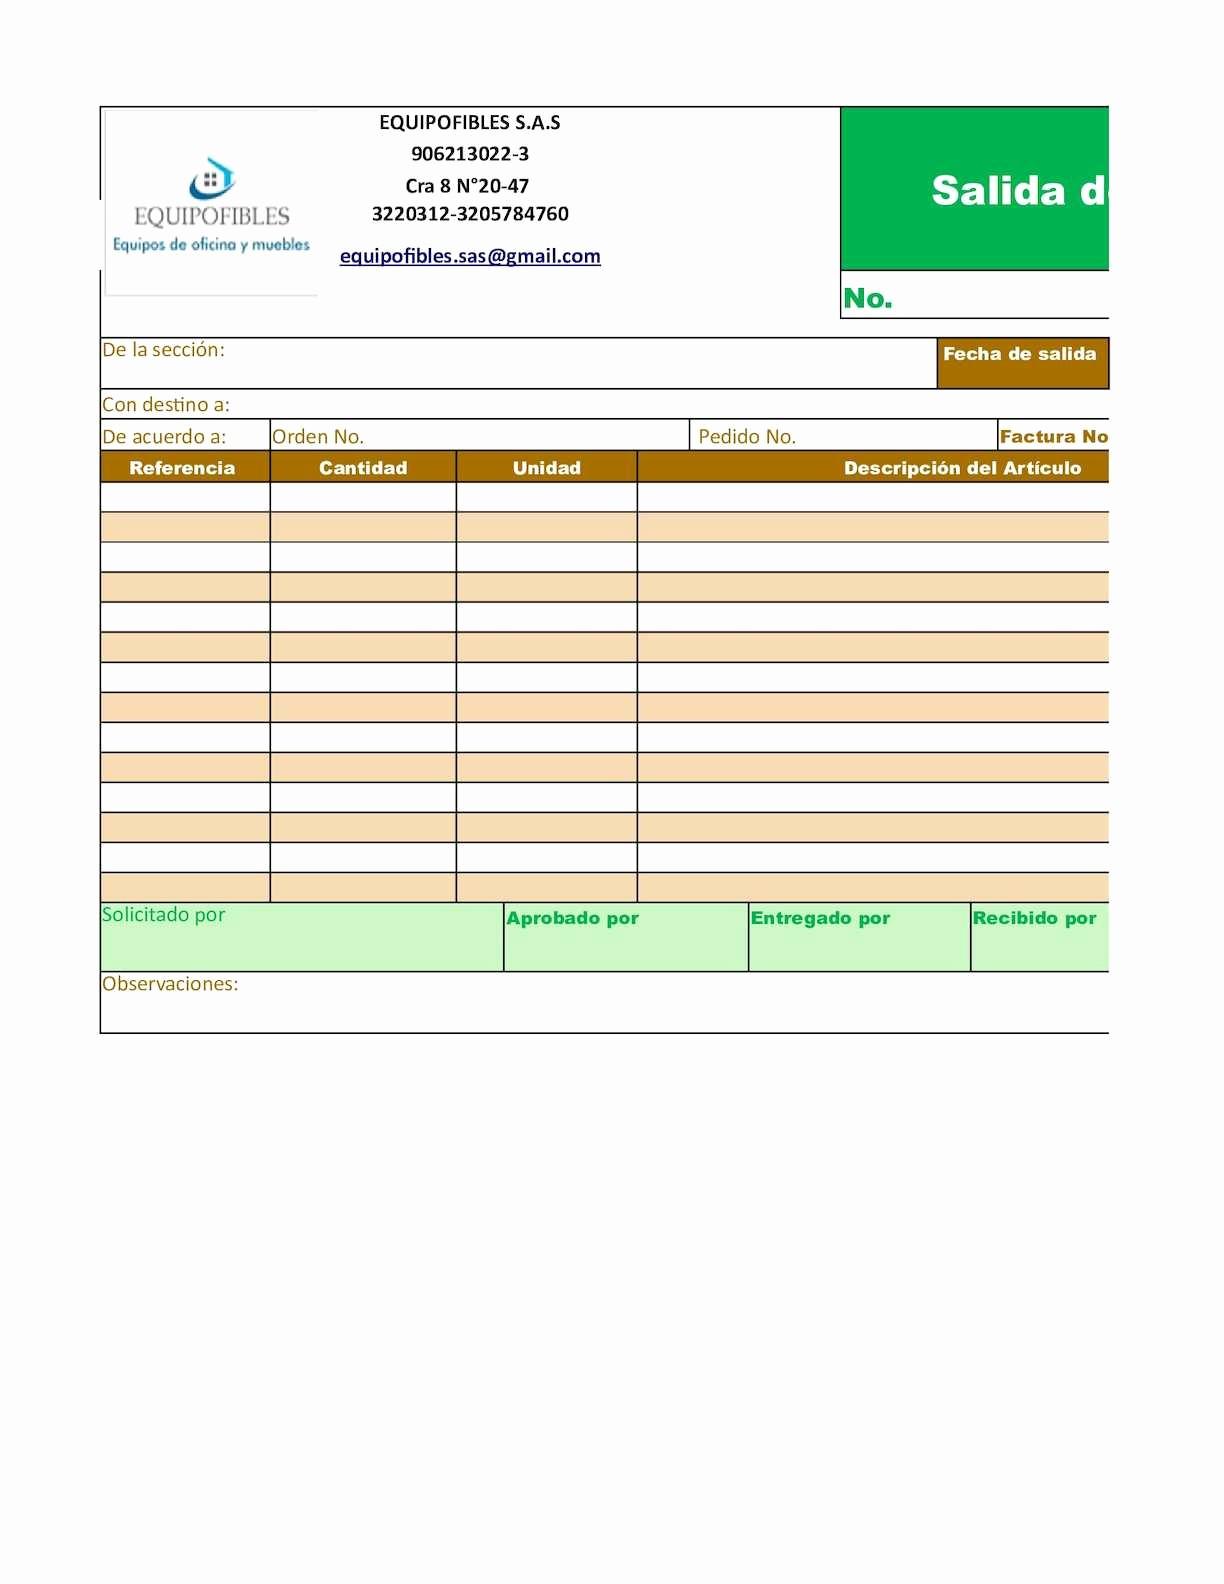 Formatos De Remision En Excel Unique formato De Remision En Excel Christopherbathum